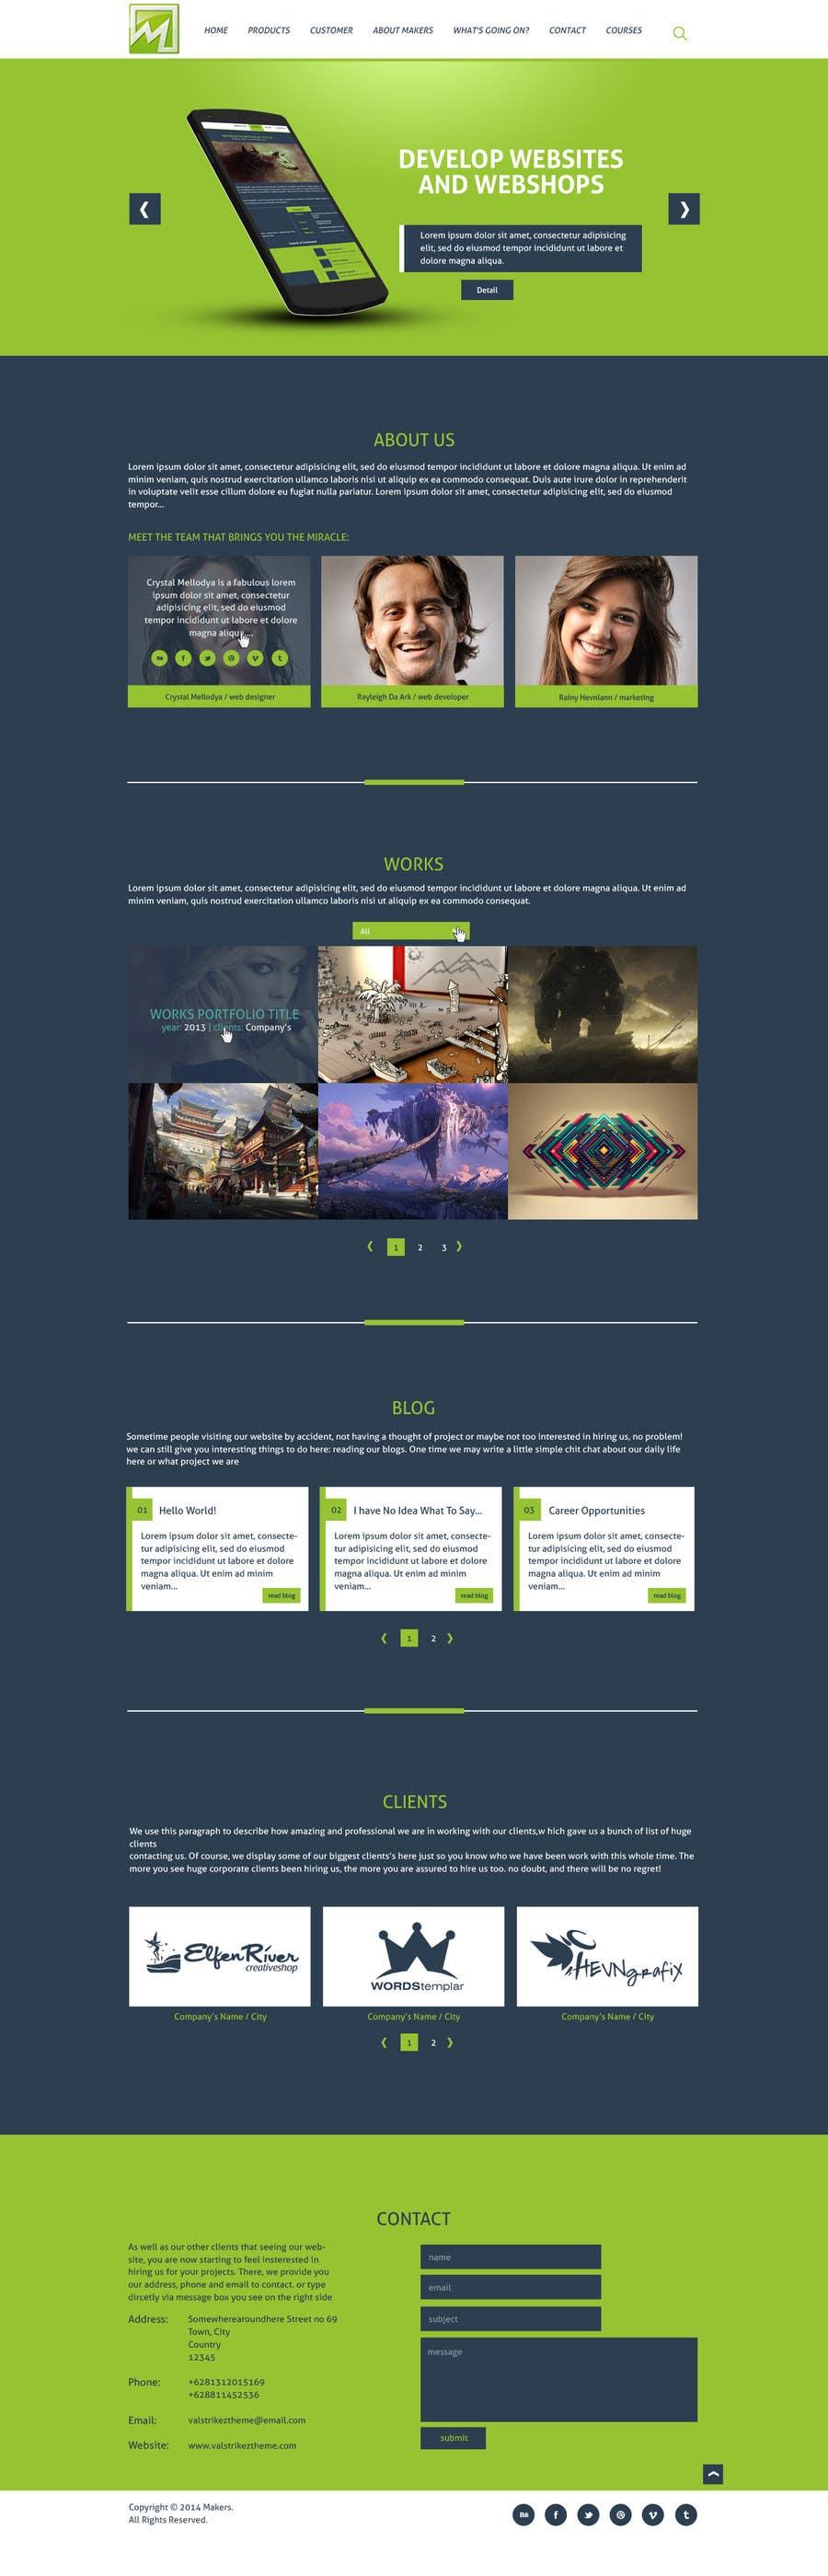 Konkurrenceindlæg #                                        14                                      for                                         Design a Website Mockup for http://makers.dk